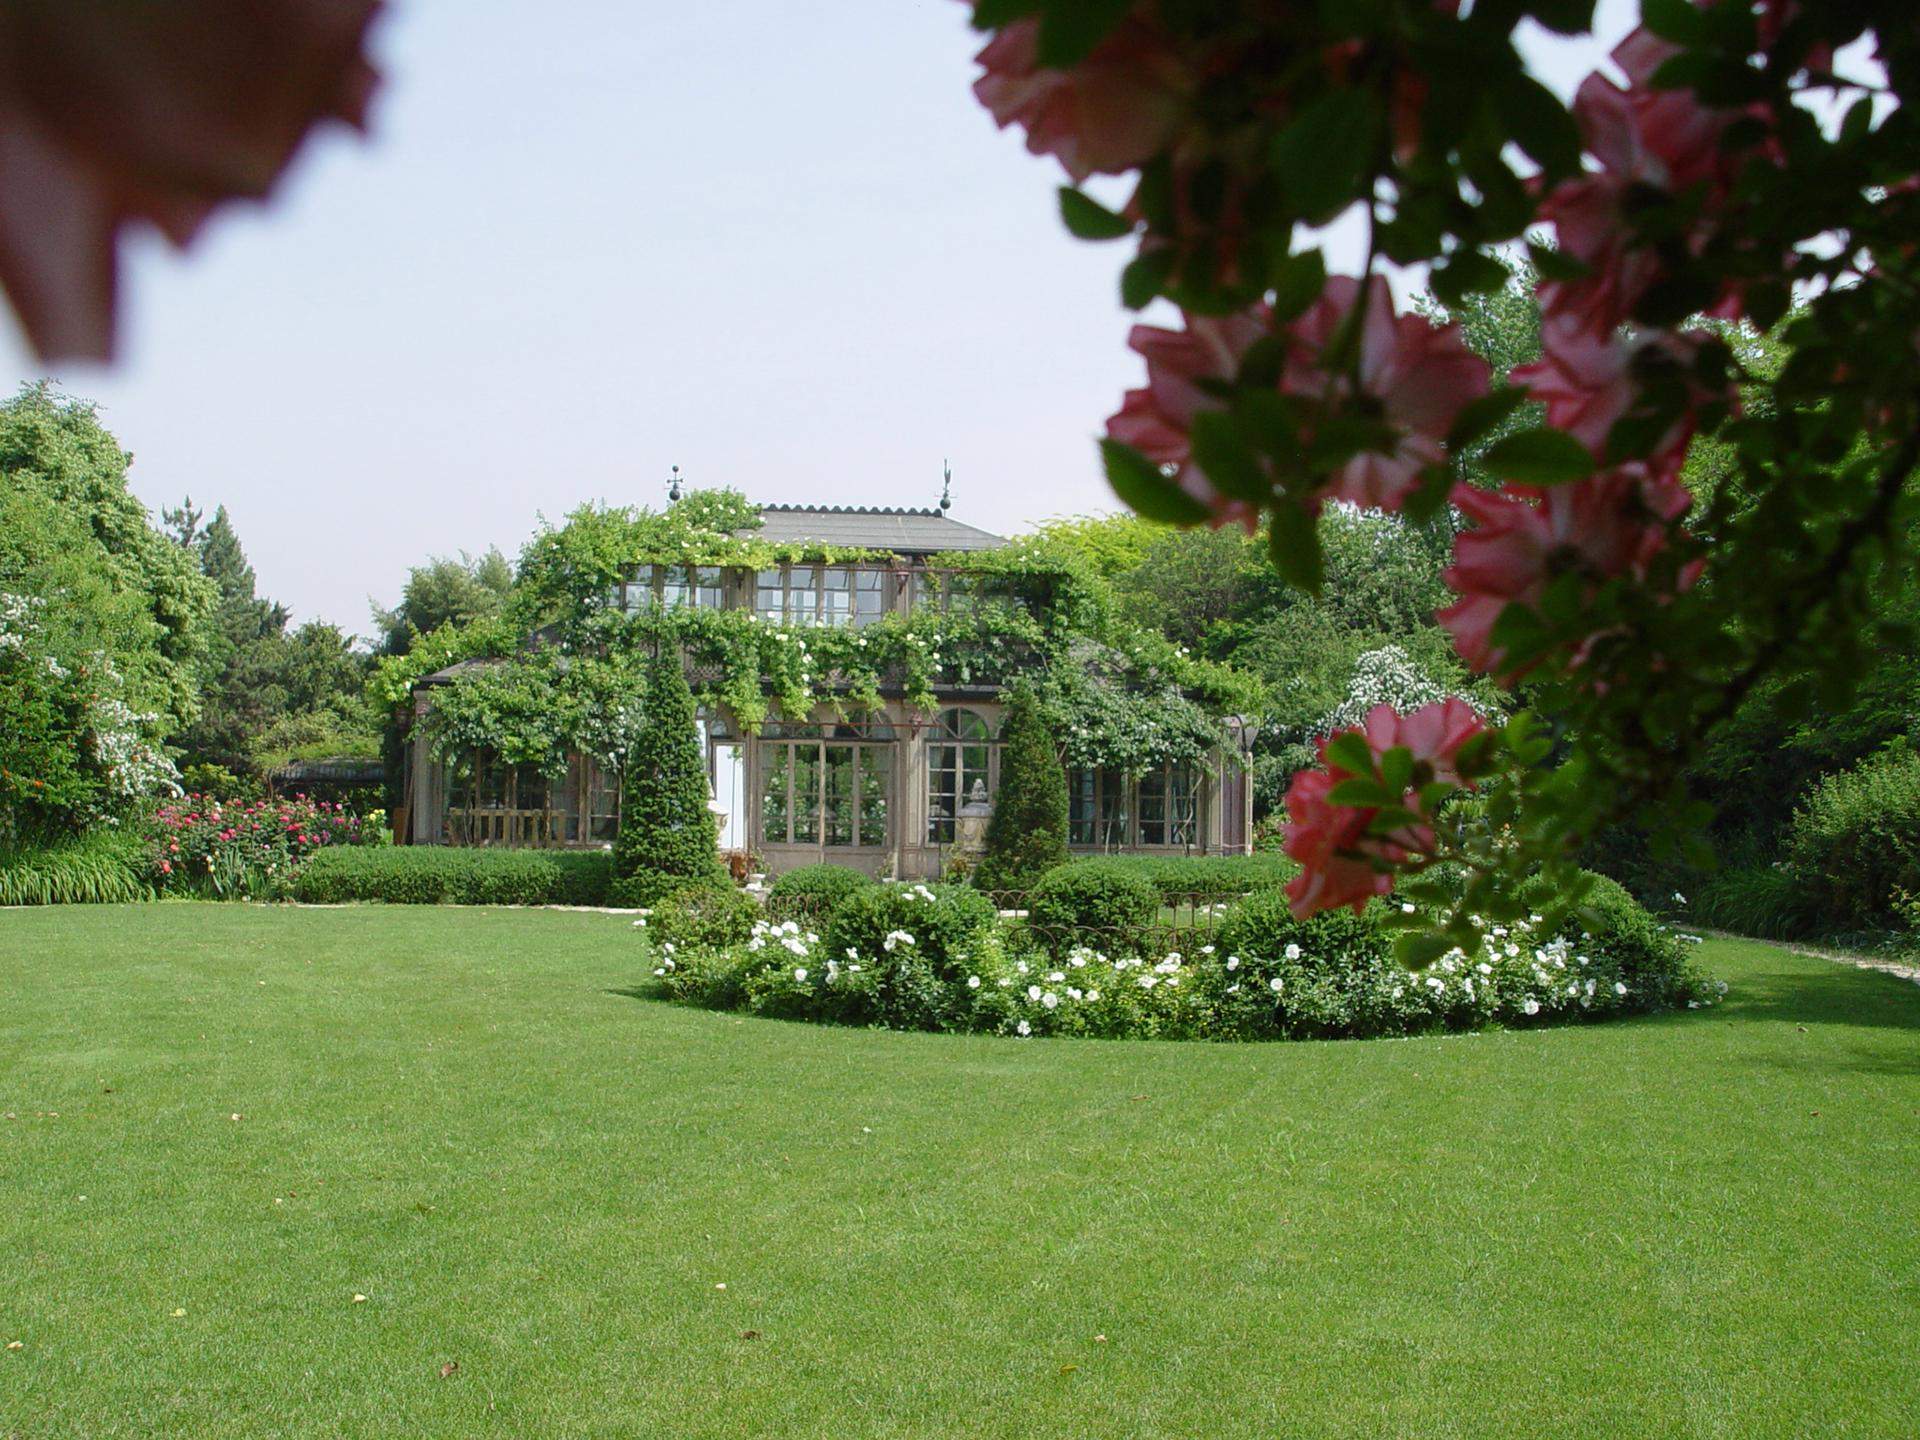 Giardino della fontana spazio eventi la sede paghera for Paghera giardini